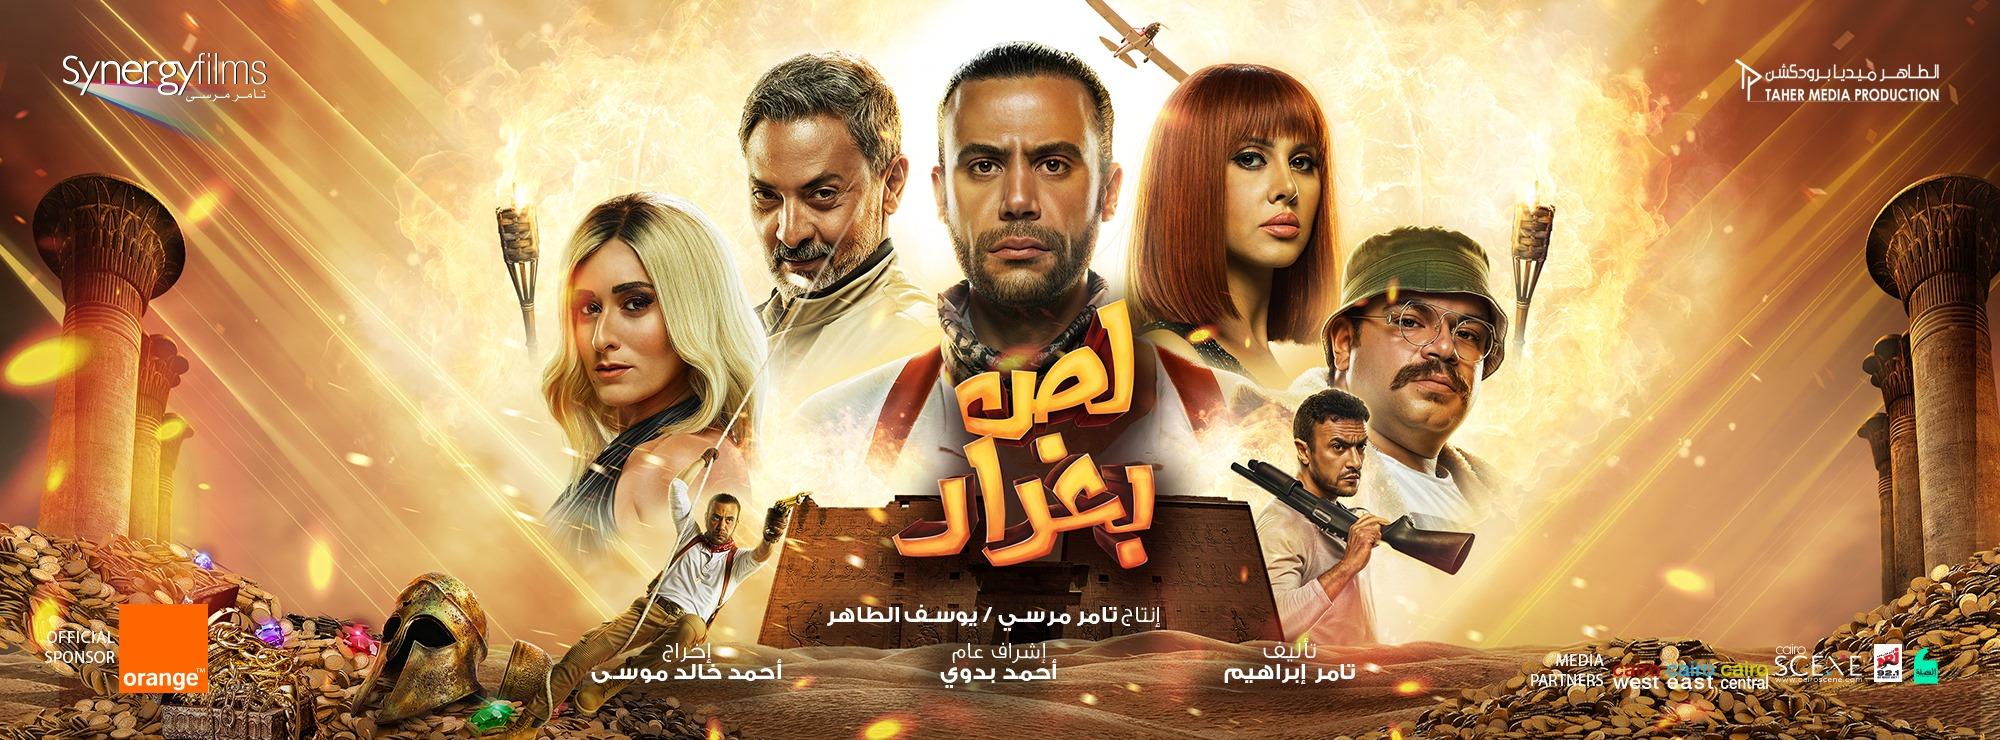 510650-فيلم-لص-بغداد